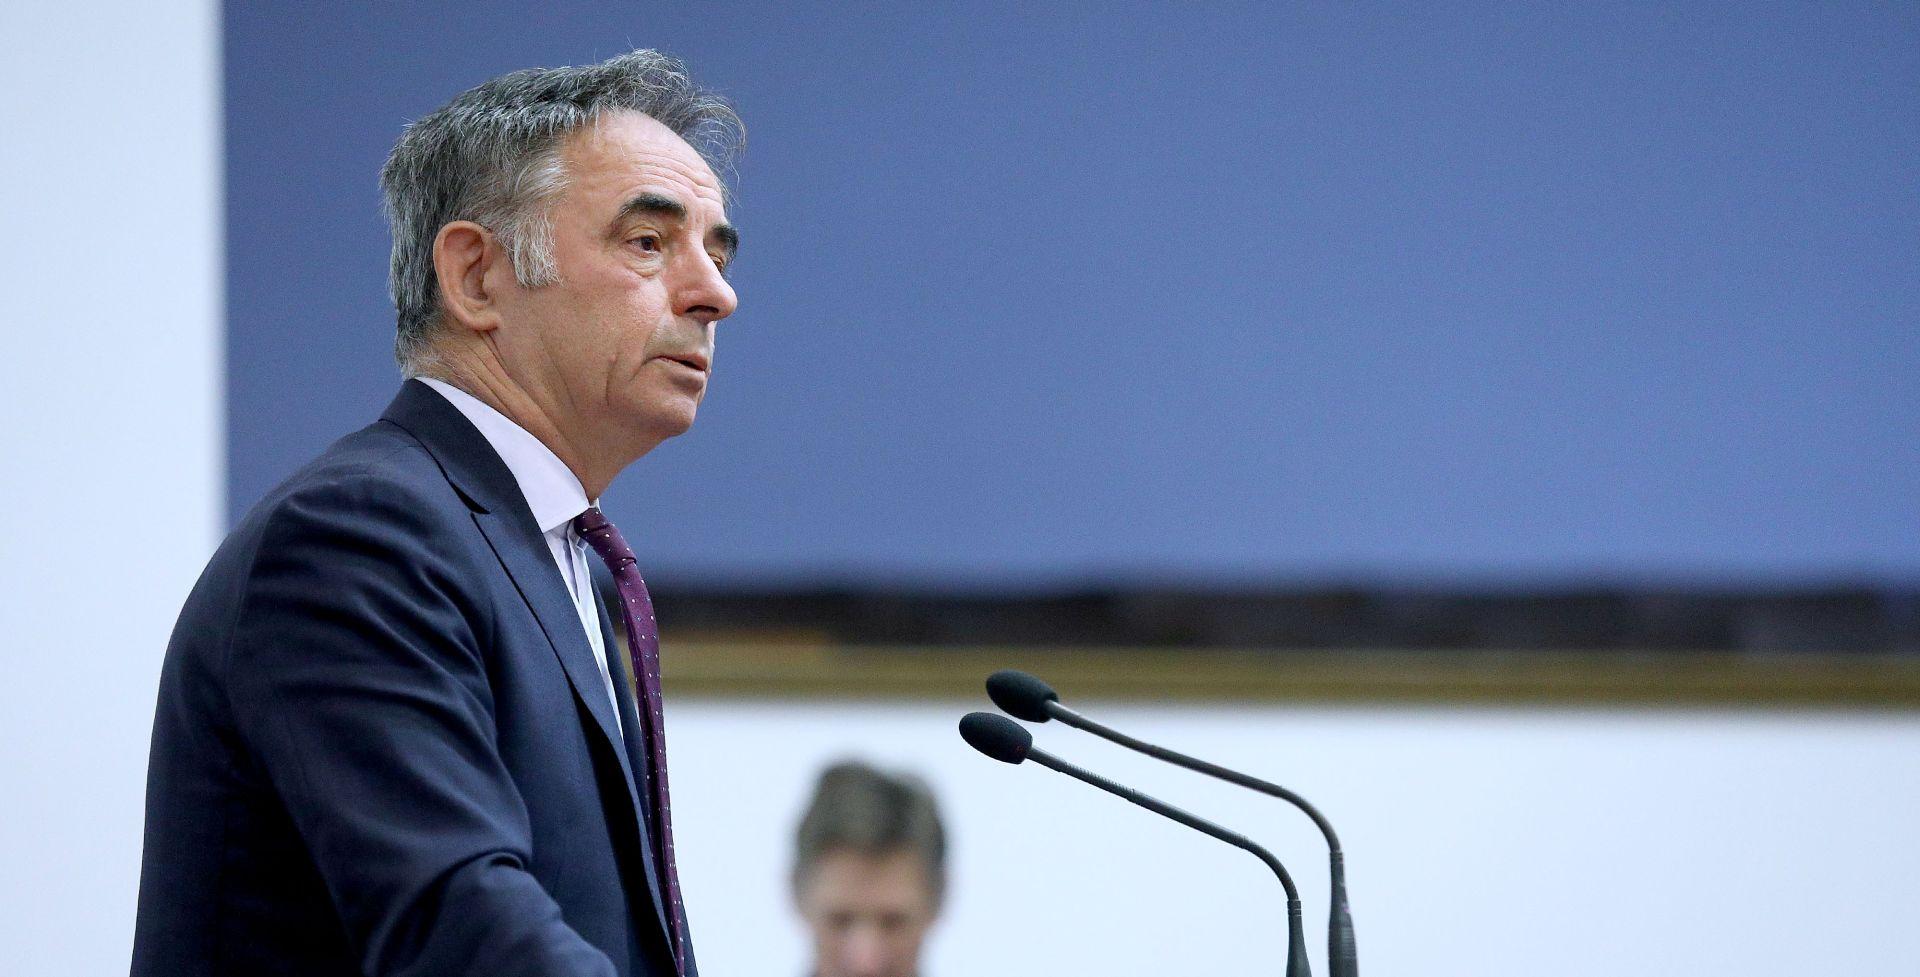 BOŽIĆNI DOMJENAK Pupovac 'očitao bukvicu' Plenkoviću zbog ploče u Jasenovcu